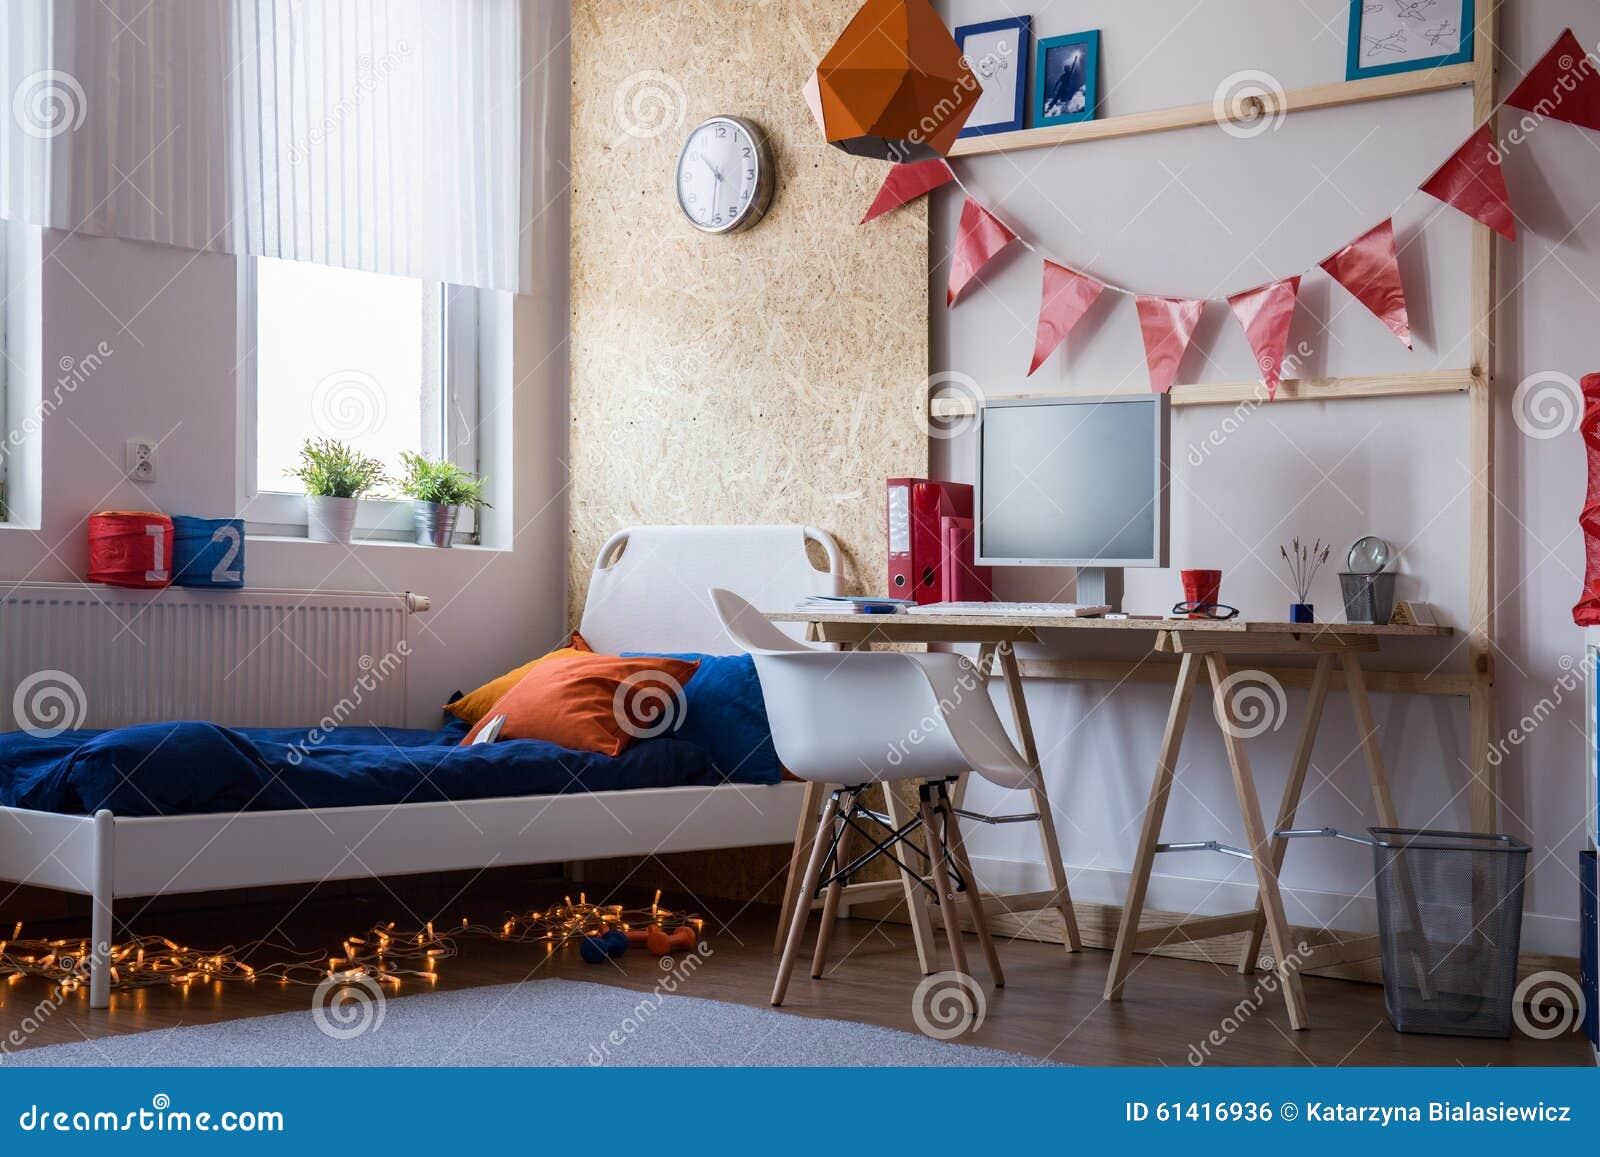 modernes schlafzimmer f r jugendlich jungen stockfoto bild von wohnsitz bett 61416936. Black Bedroom Furniture Sets. Home Design Ideas